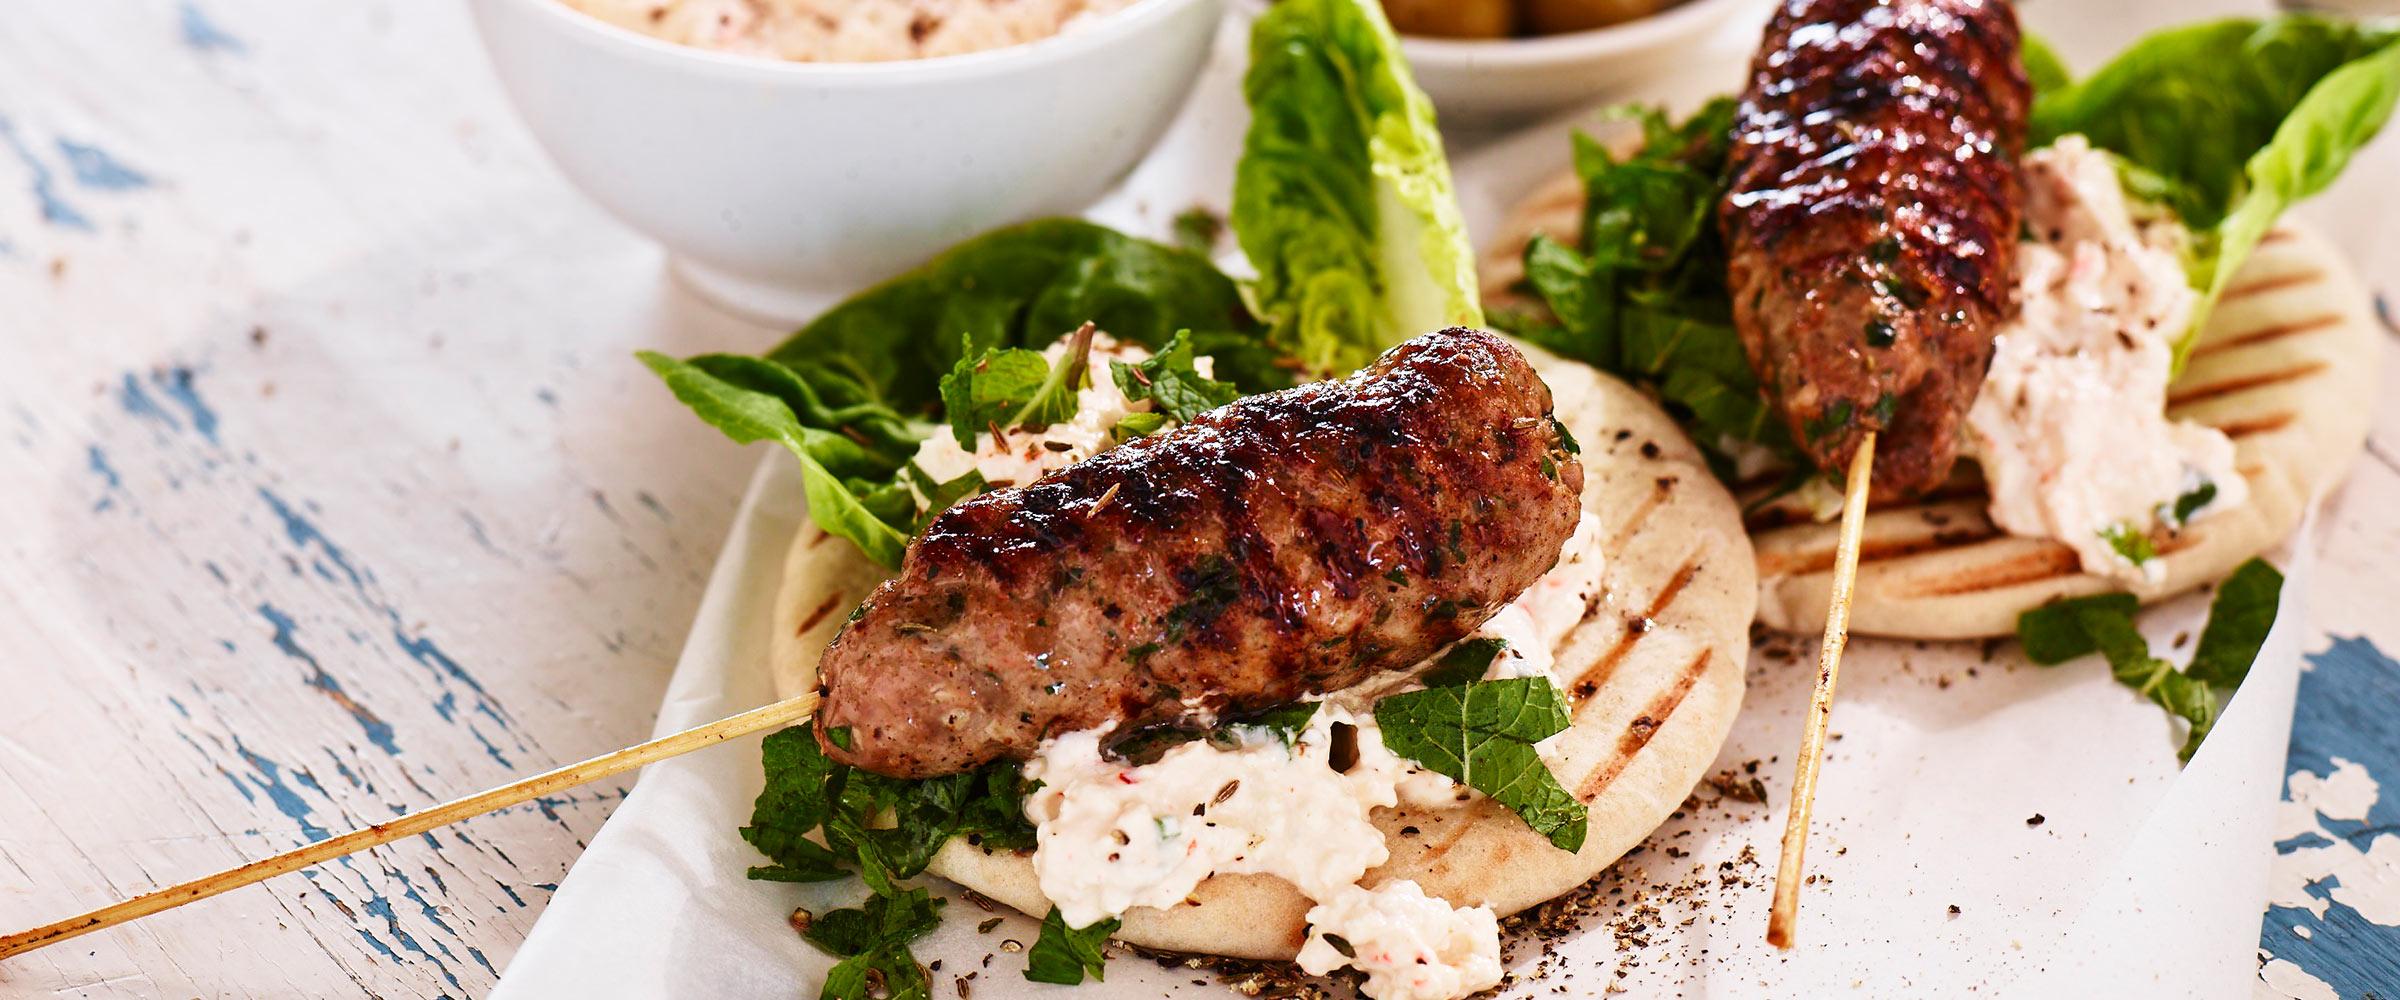 Lamm - Recept med lammkött